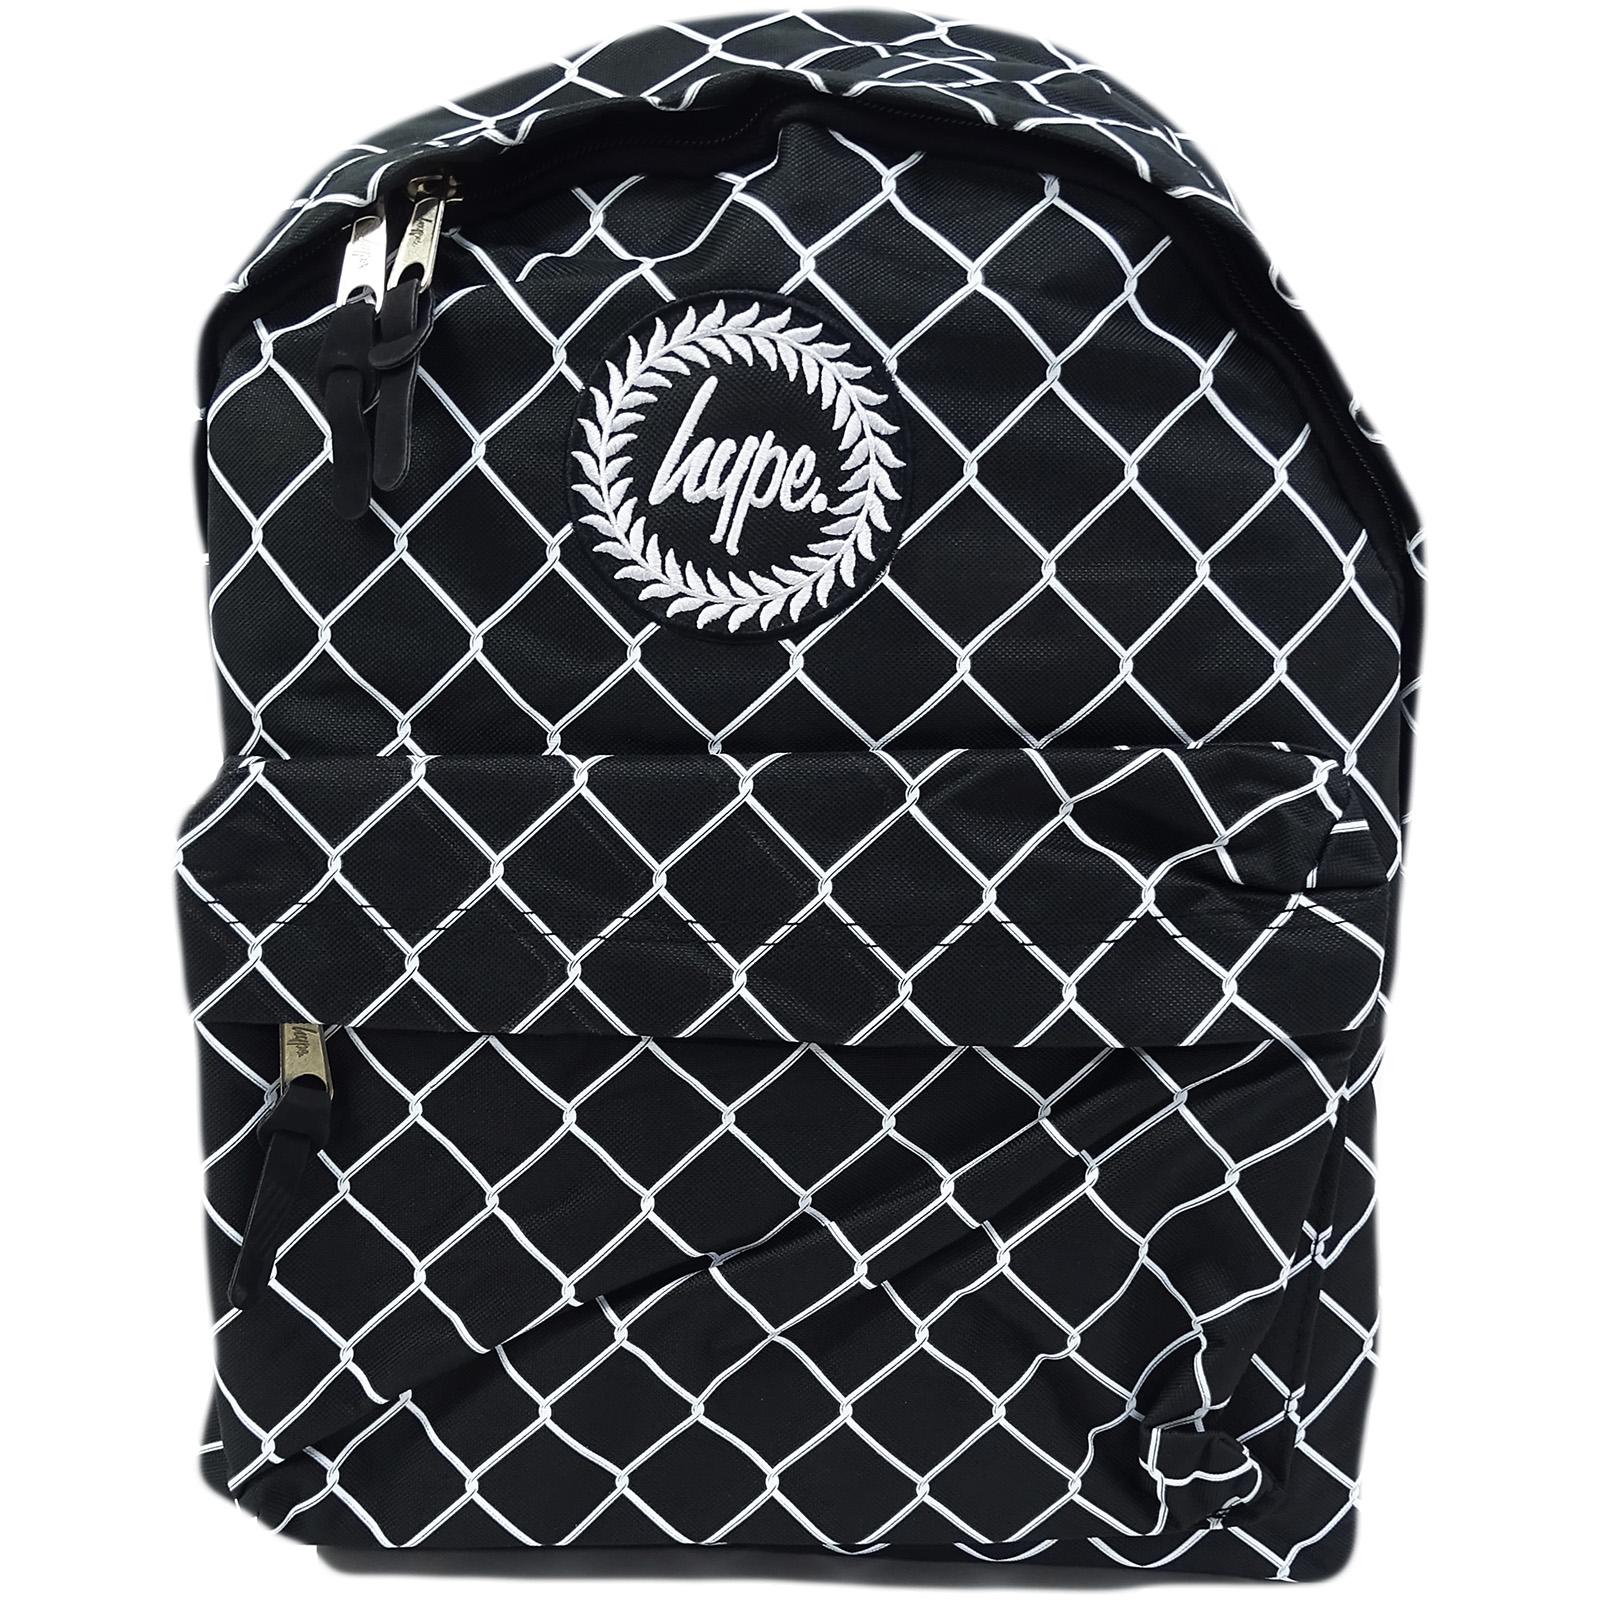 Hype Black / White Backpack Bag Mesh Fence